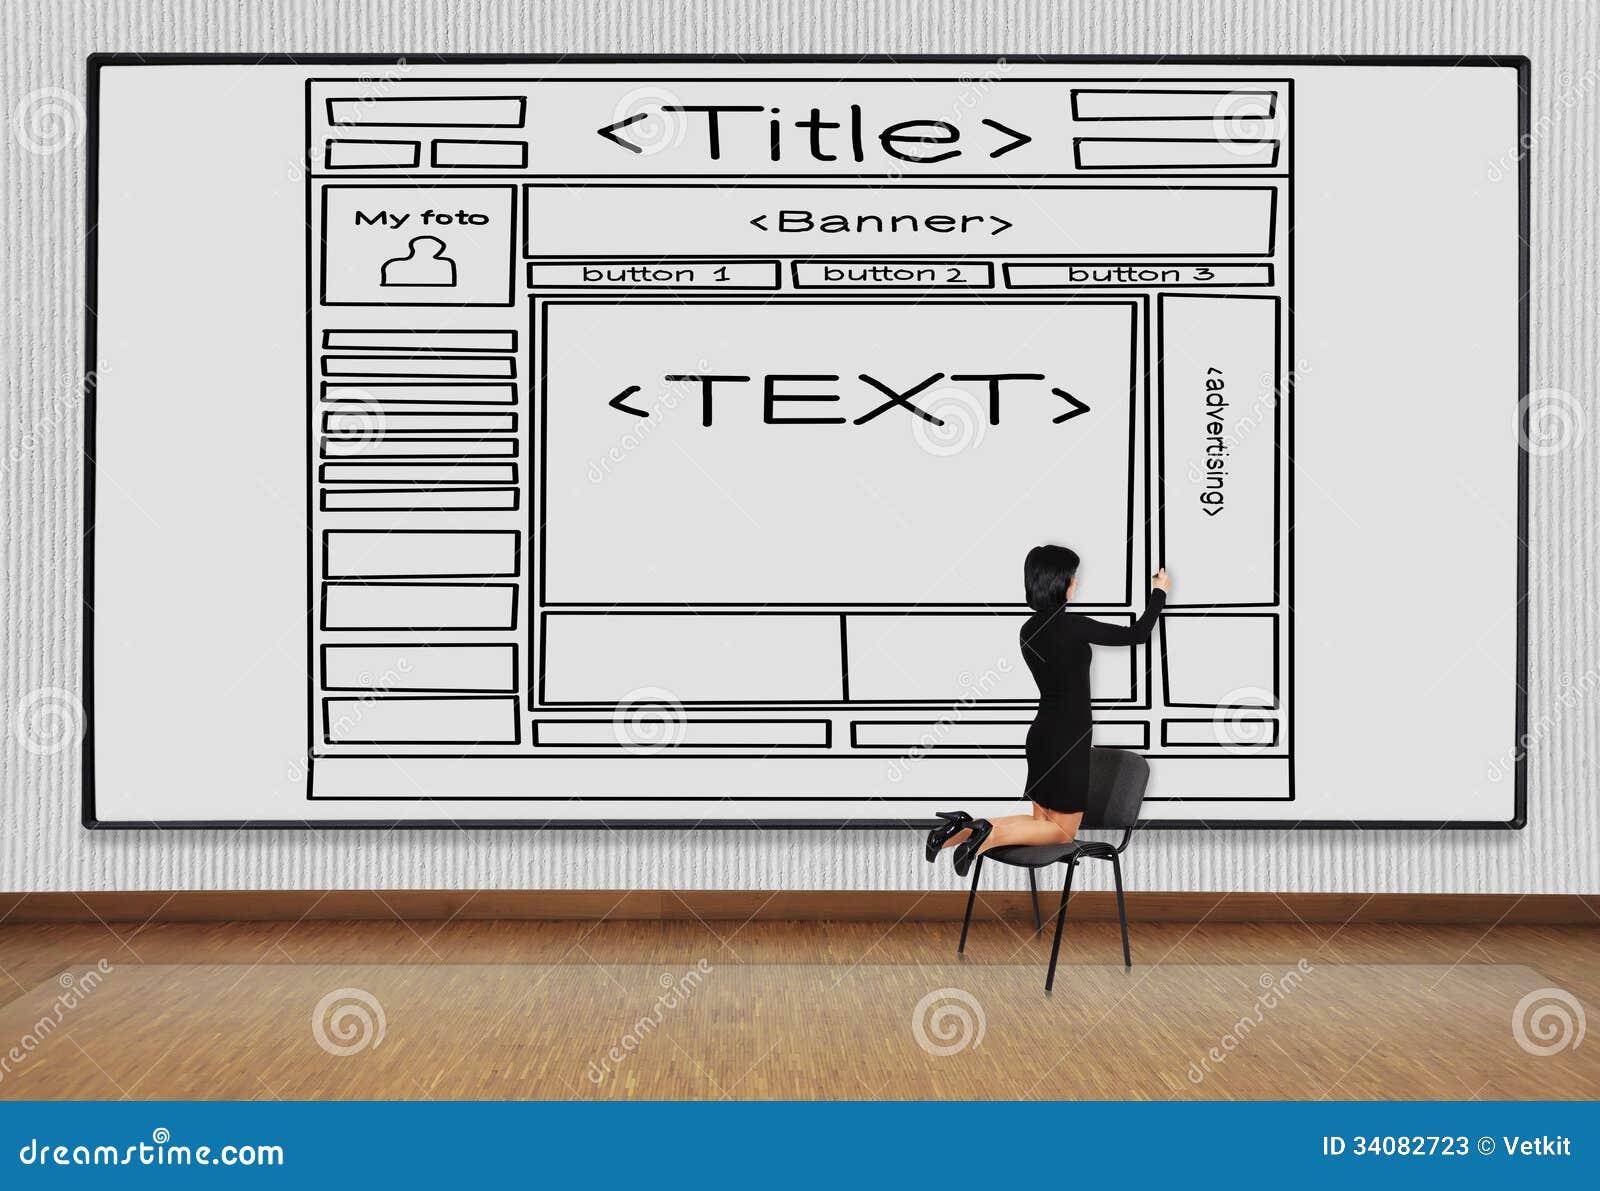 Site internet dessin ii94 montrealeast for Sites web pour concevoir des maisons gratuitement